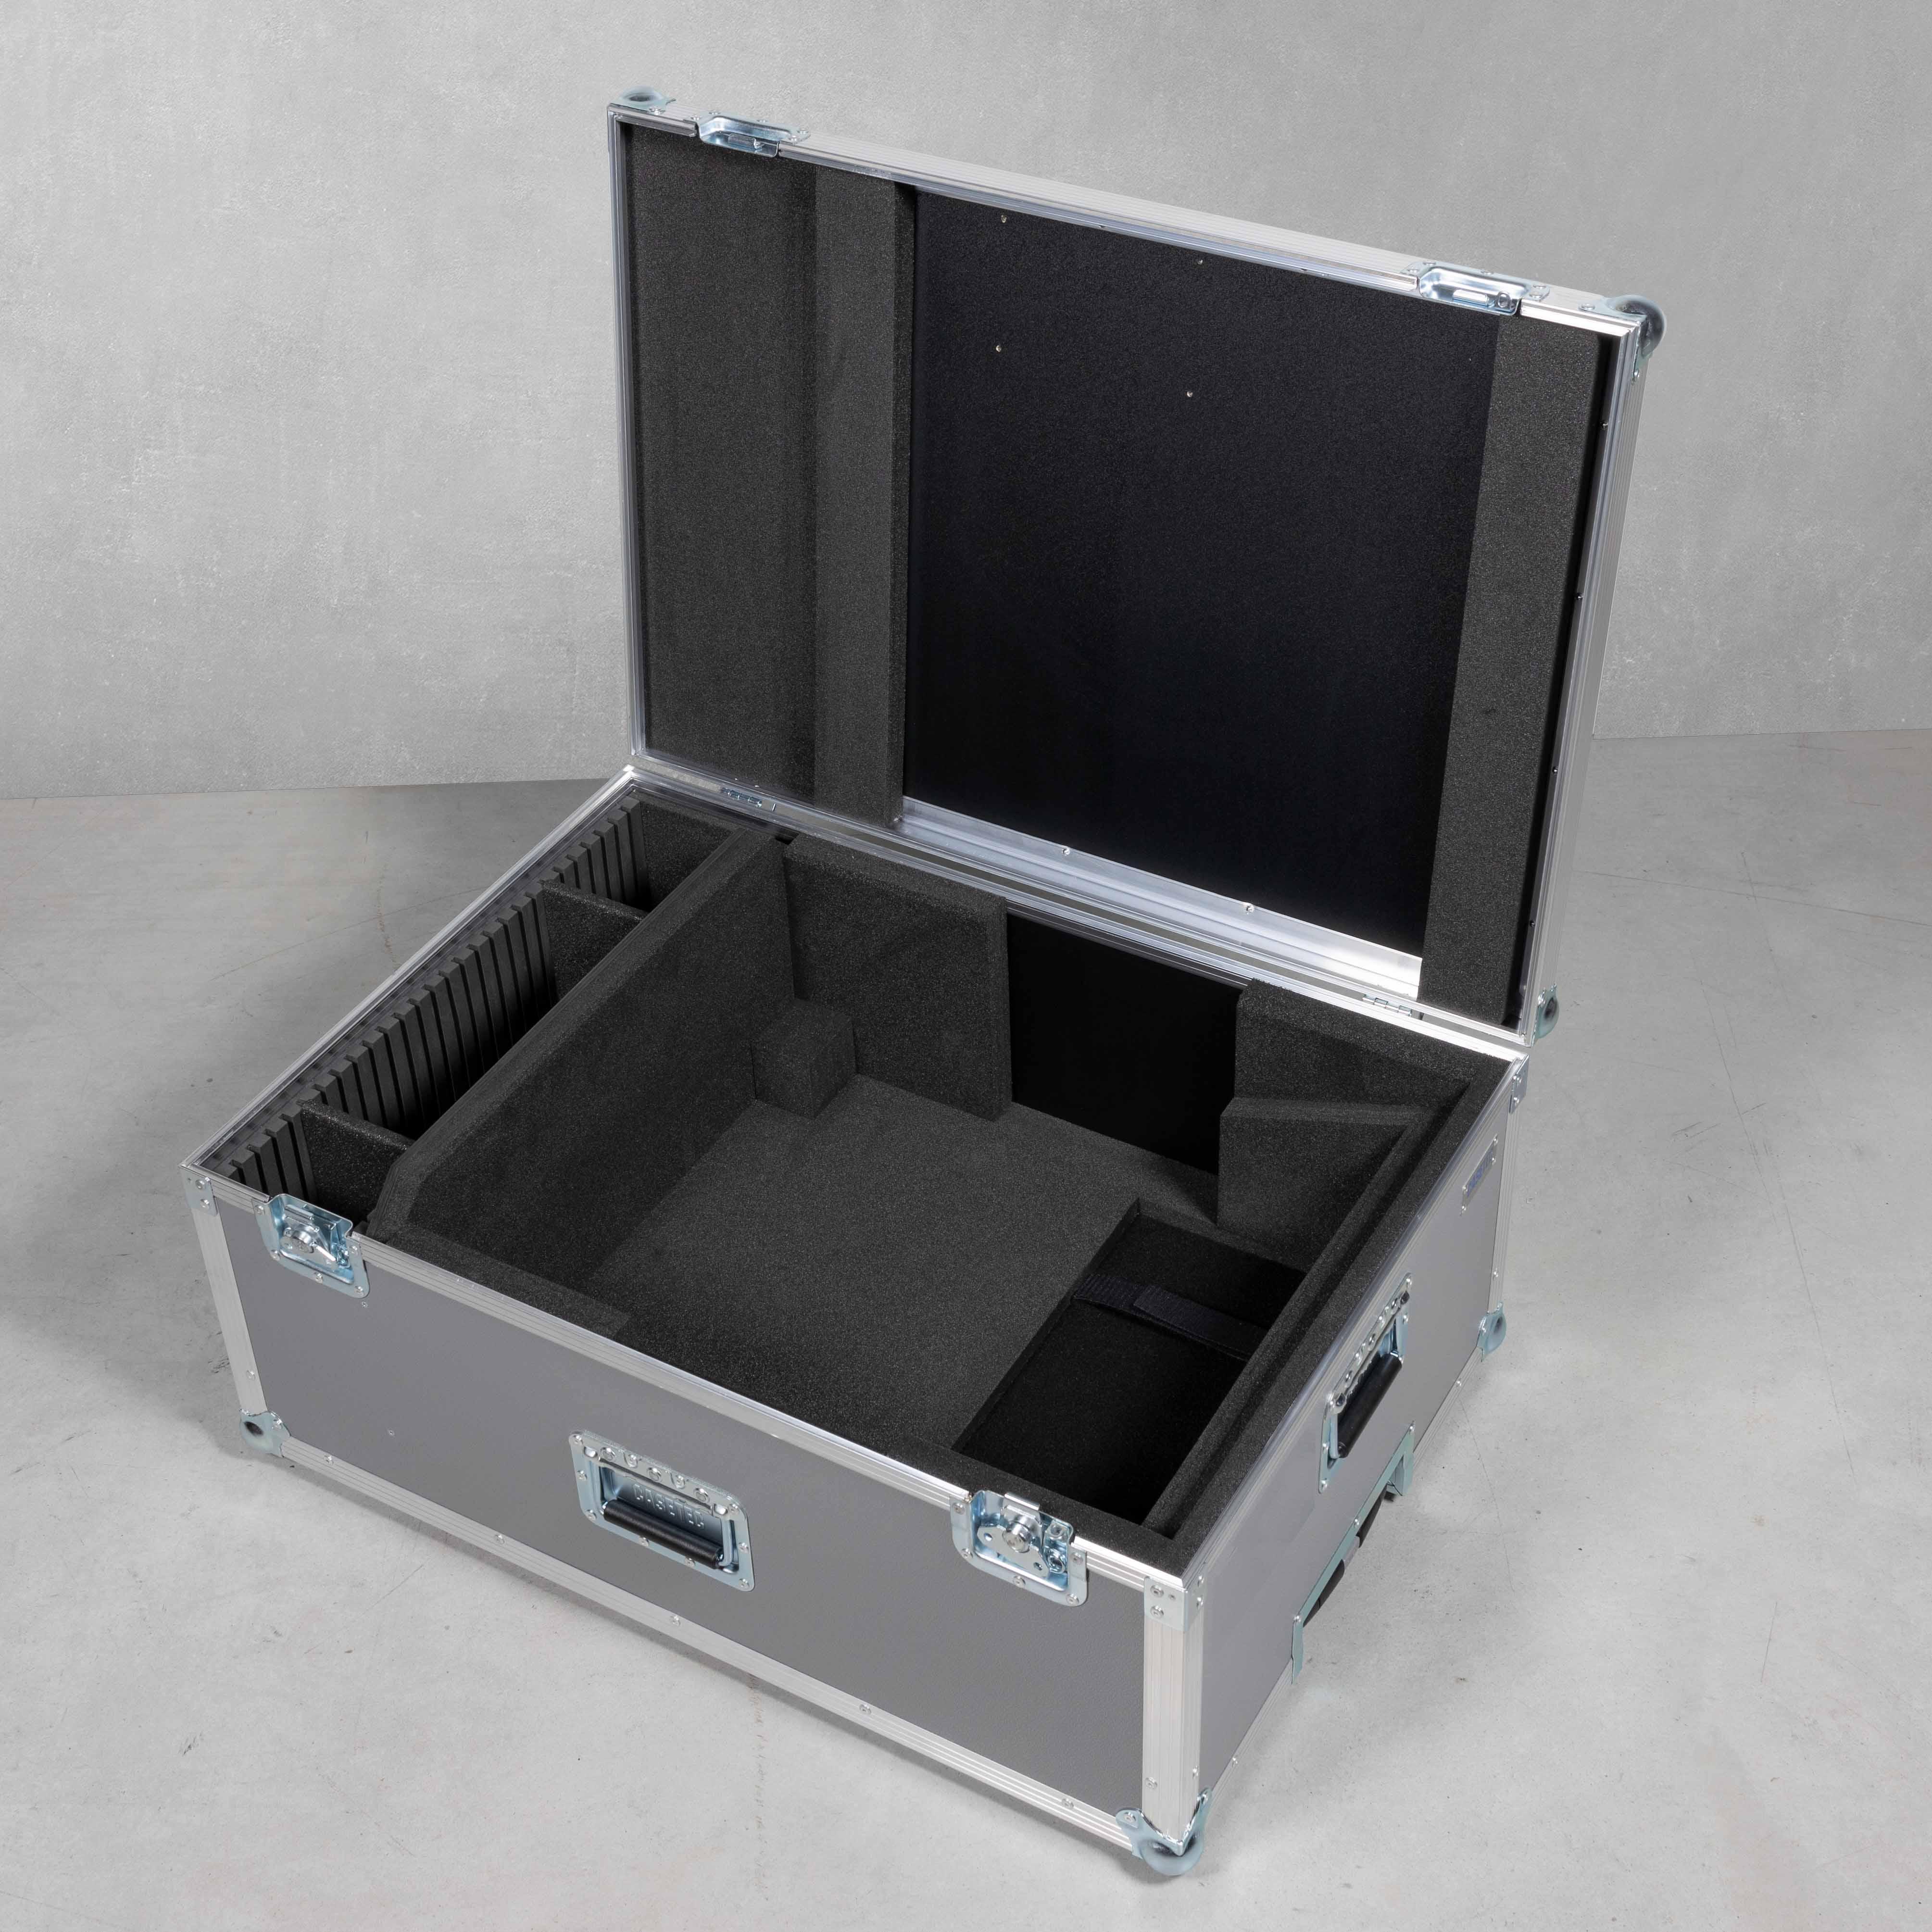 Flightcase für Barco EC-50